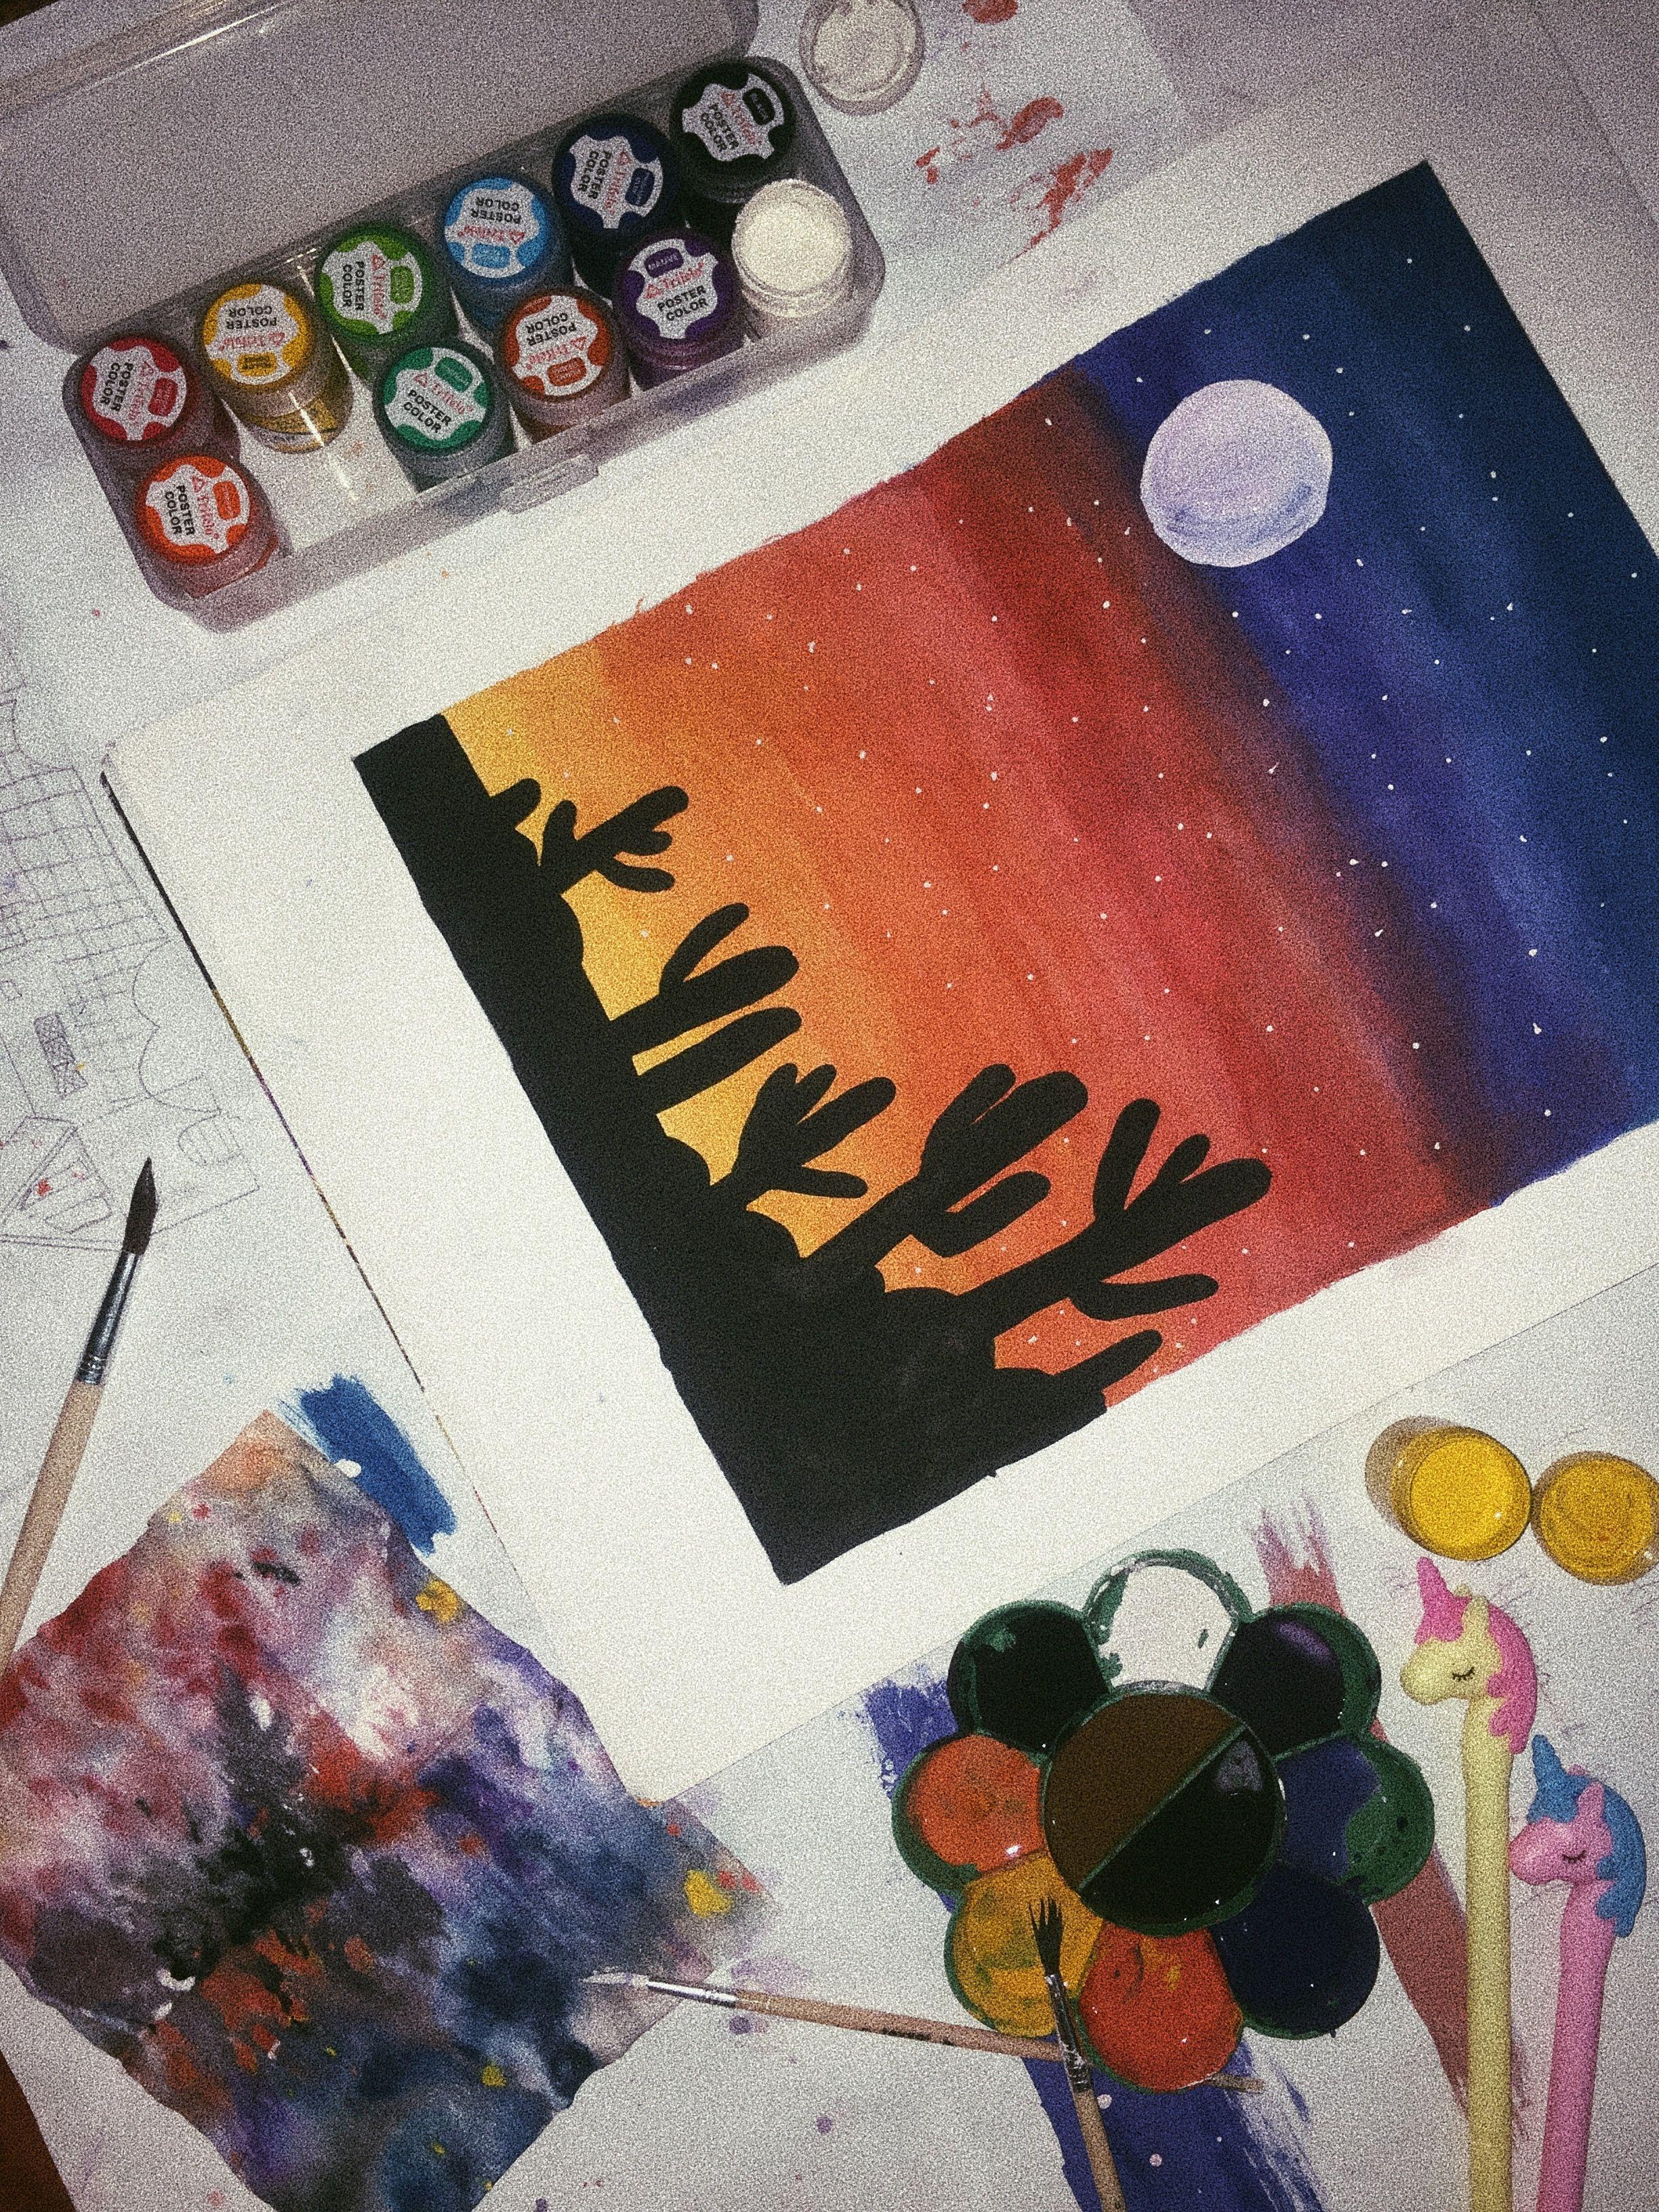 Pin Oleh Vidiya Hanum Di Lukisan Seni Lukisan Kanvas Lukisan